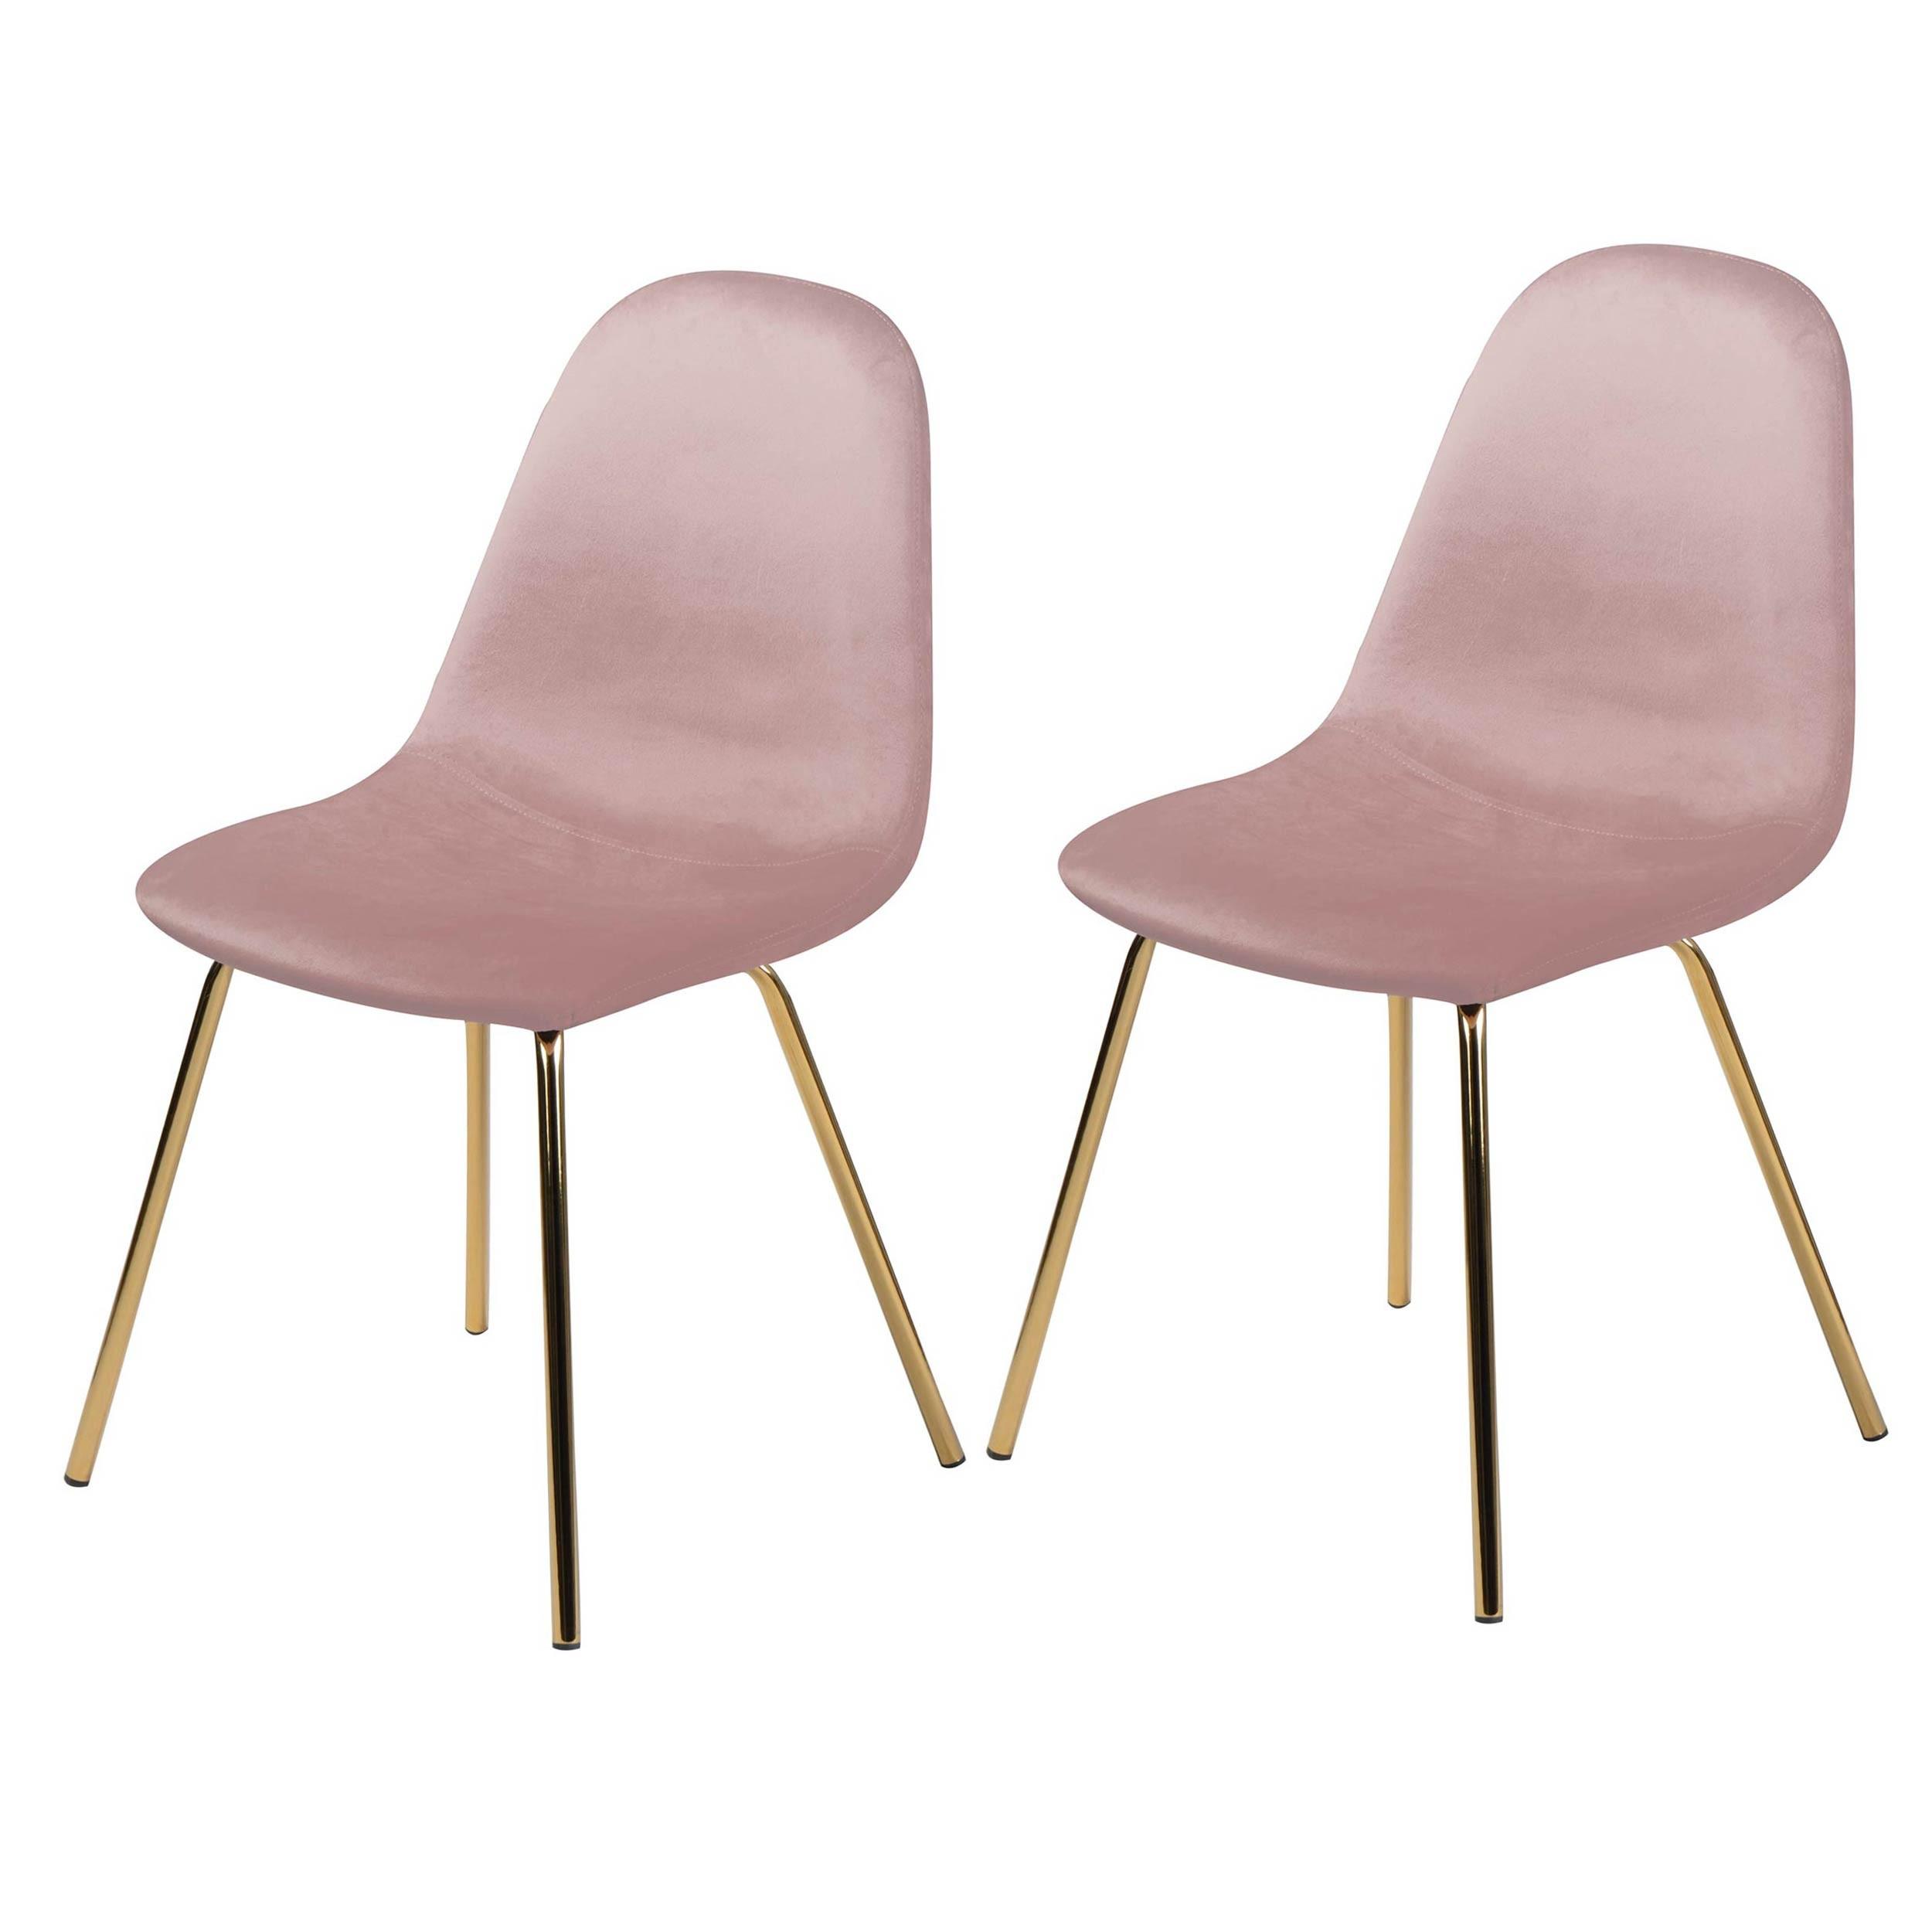 acheter chaise rose velours pieds laiton 1 Résultat Supérieur 31 Nouveau Acheter Chaise Photos 2017 Ksh4